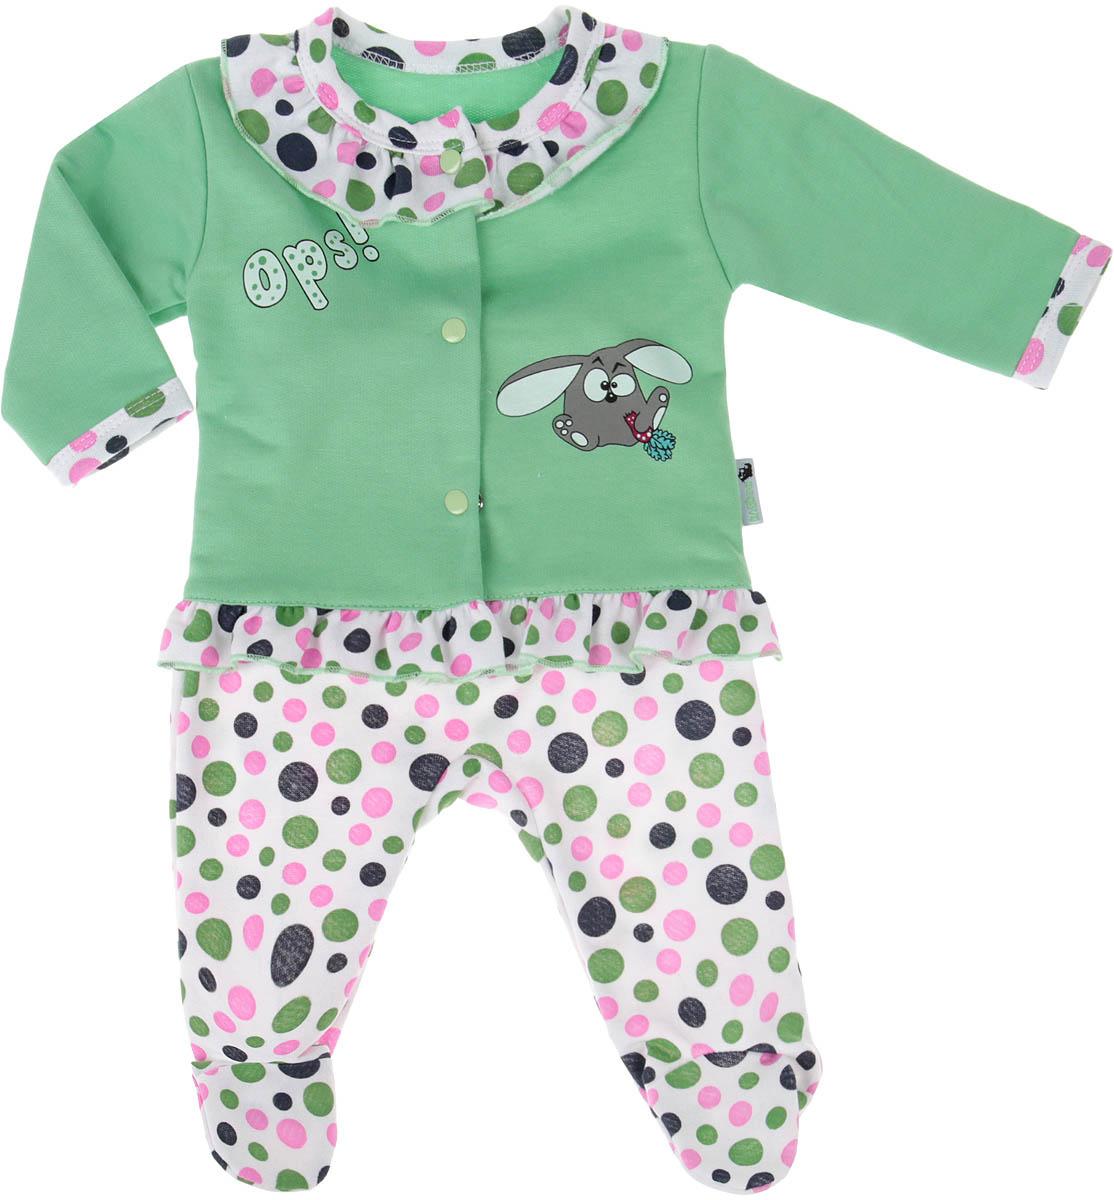 Комплект для девочки Клякса: кофточка, ползунки, цвет: зеленый, белый. 21Д-5062. Размер 8021Д-5062Детский комплект Клякса состоит из кофточки и ползунков. Комплект выполнен из натурального хлопка. Кофта с длинным рукавом застегивается на кнопки спереди. Модель украшена оборками под горловиной и по низу, а также декорирована принтом с изображением забавного кролика. Ползунки с закрытыми ножками имеют эластичную резинку на поясе. Изделие оформлено ярким принтом.